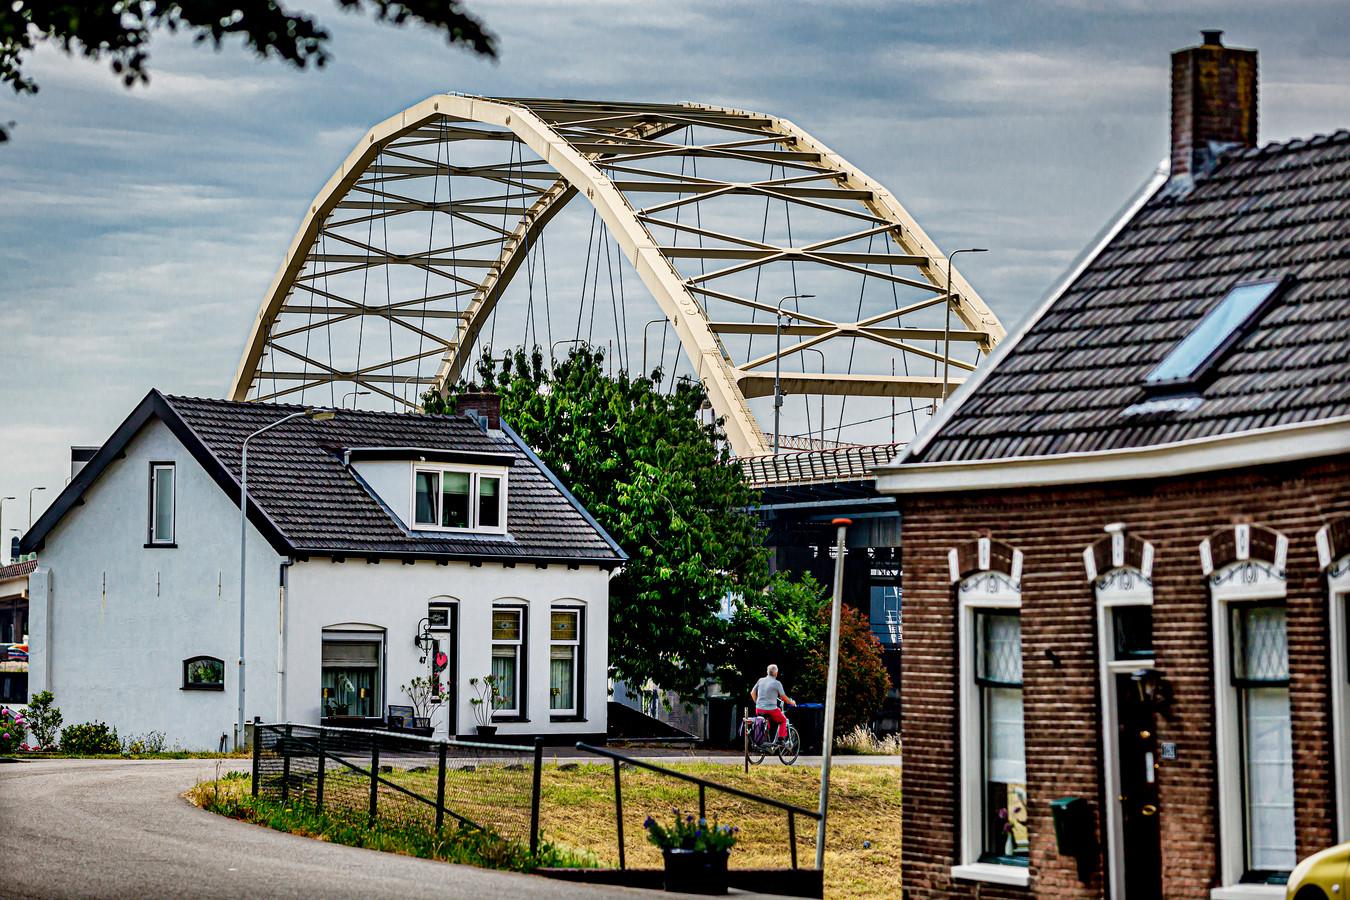 Aannemer Boskalis verwijdert tijdens de afsluiting onder meer een barrier bij de Papendrechtse brug.